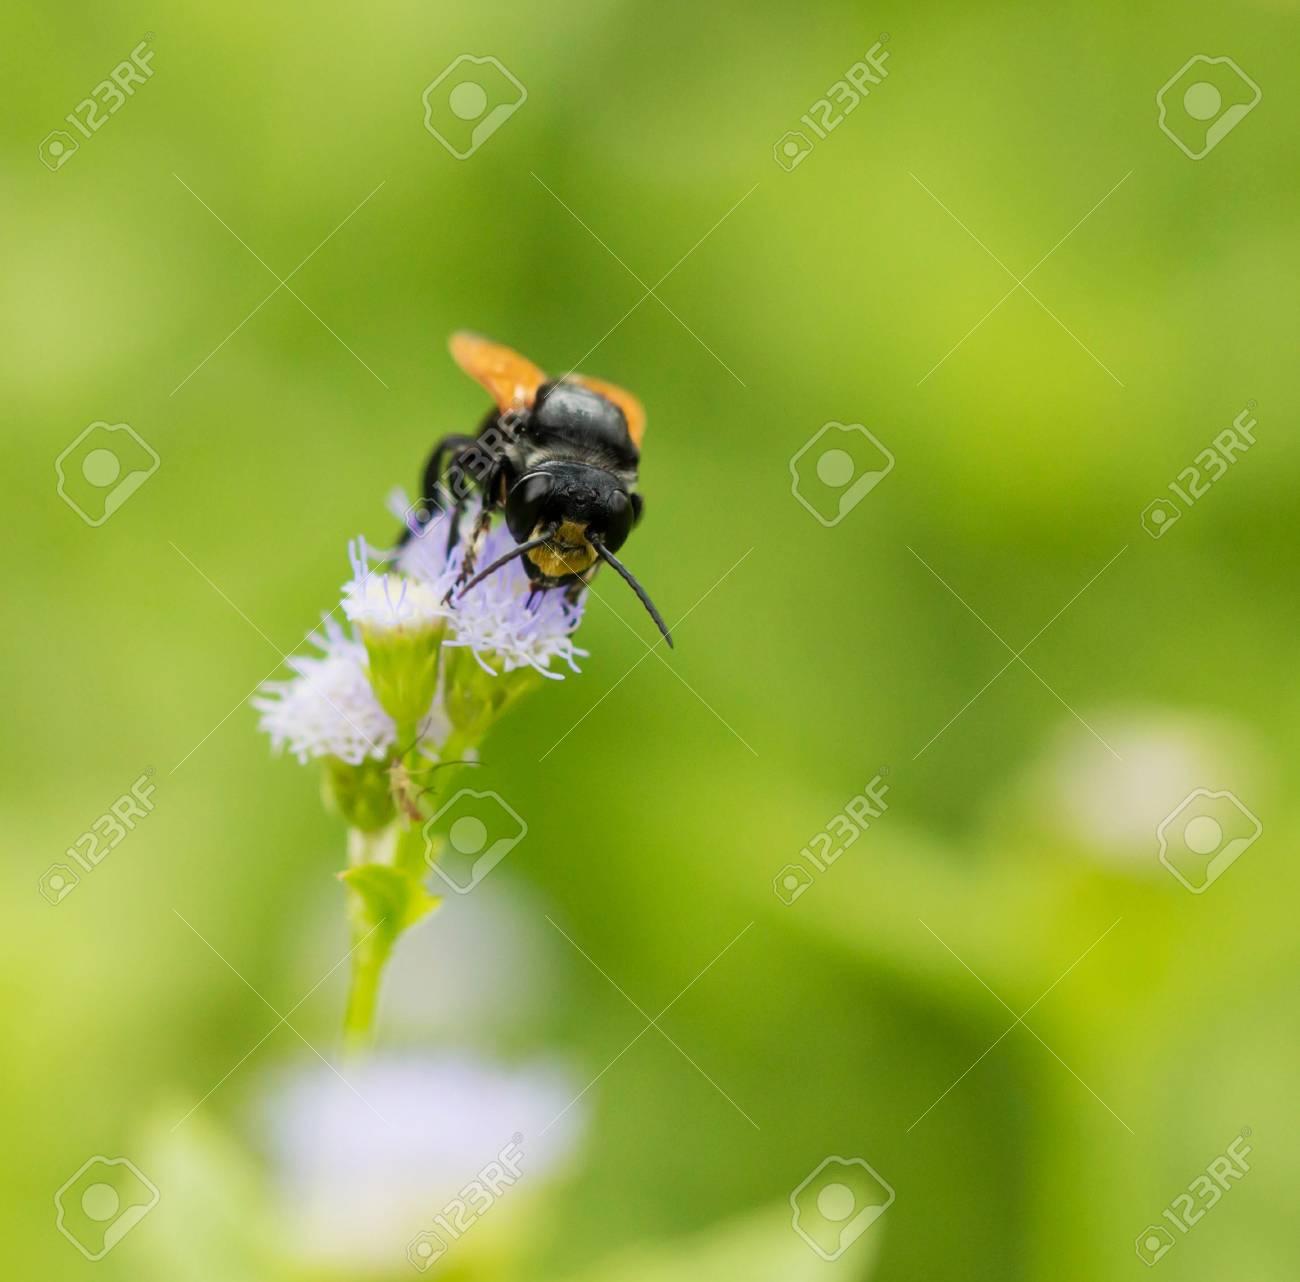 Schwarze Wespe Des Gartens Auf Einer Weißen Blume Lizenzfreie Fotos